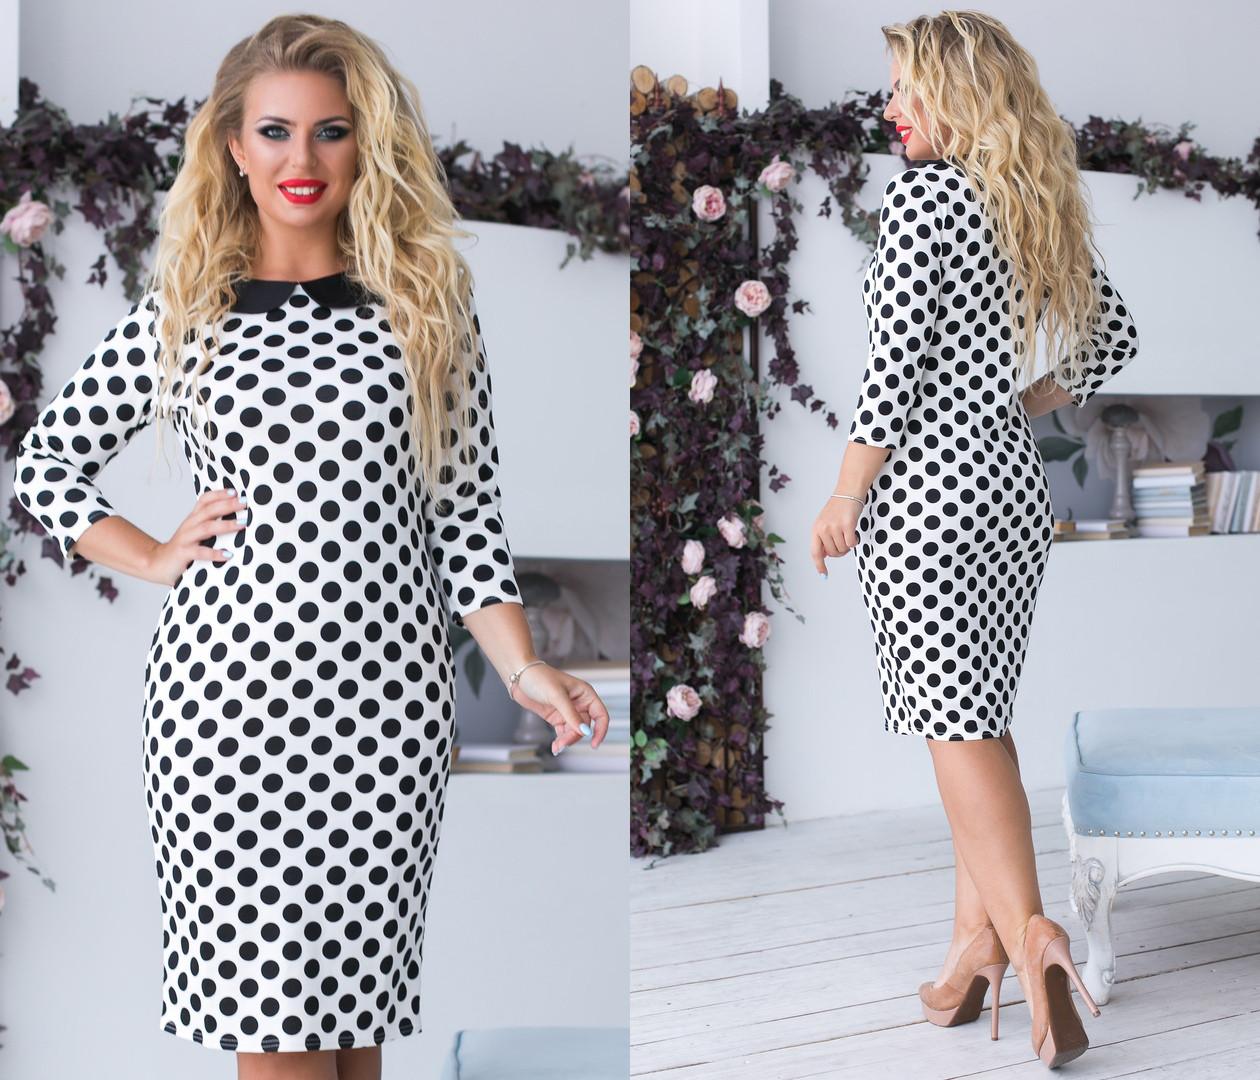 Платье  больших размеров 48+ прит горошек с воротником  / 2цвета арт 6684-93